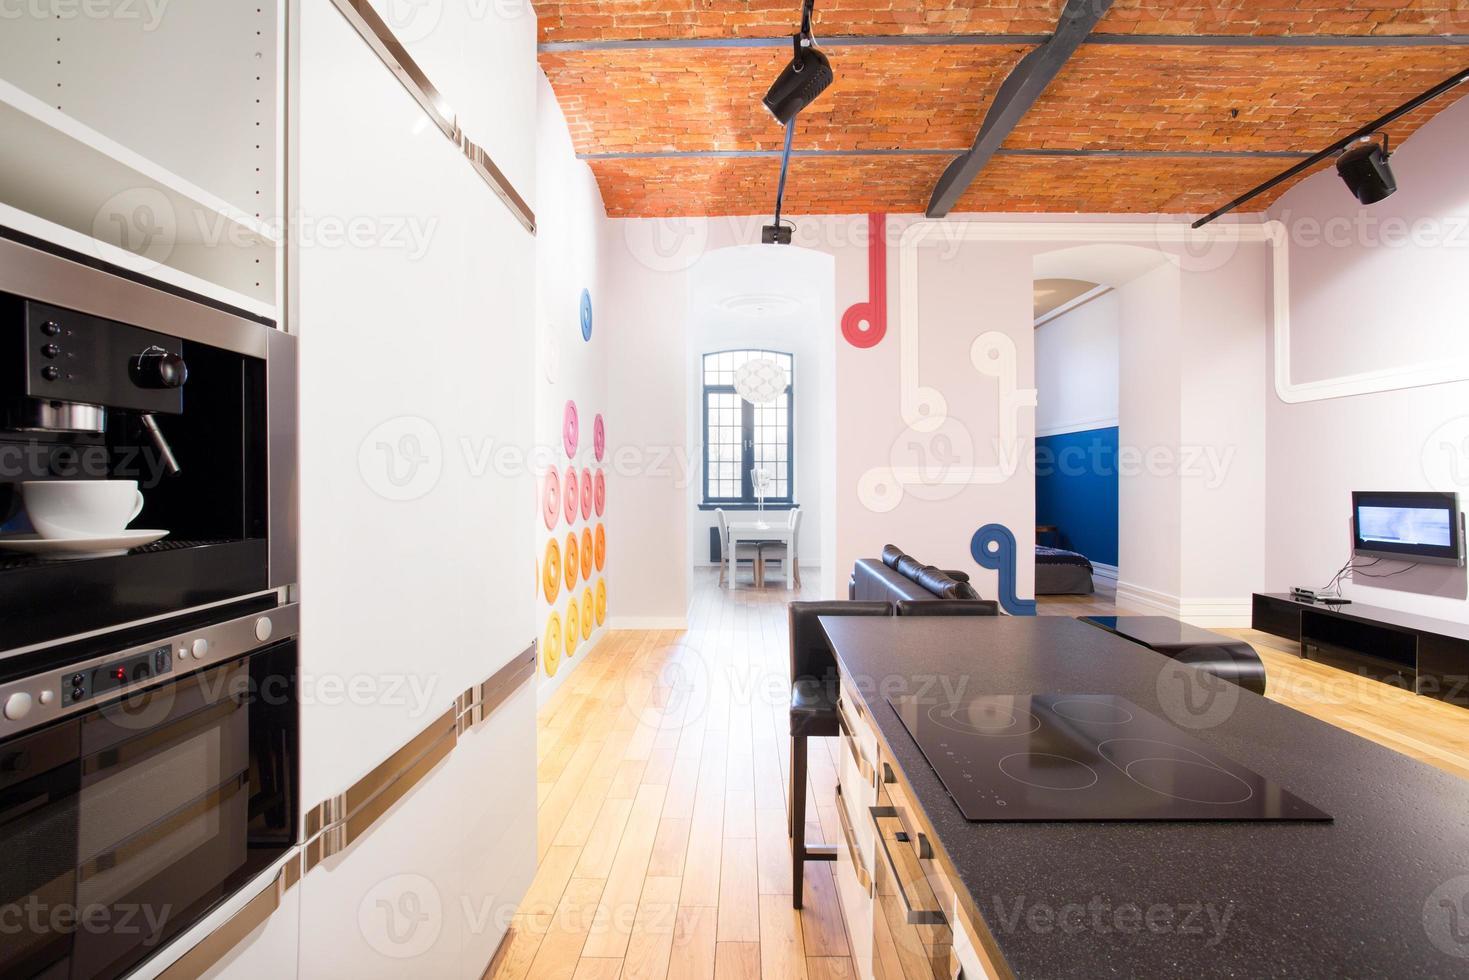 cozinha em apartamento de solteiro foto